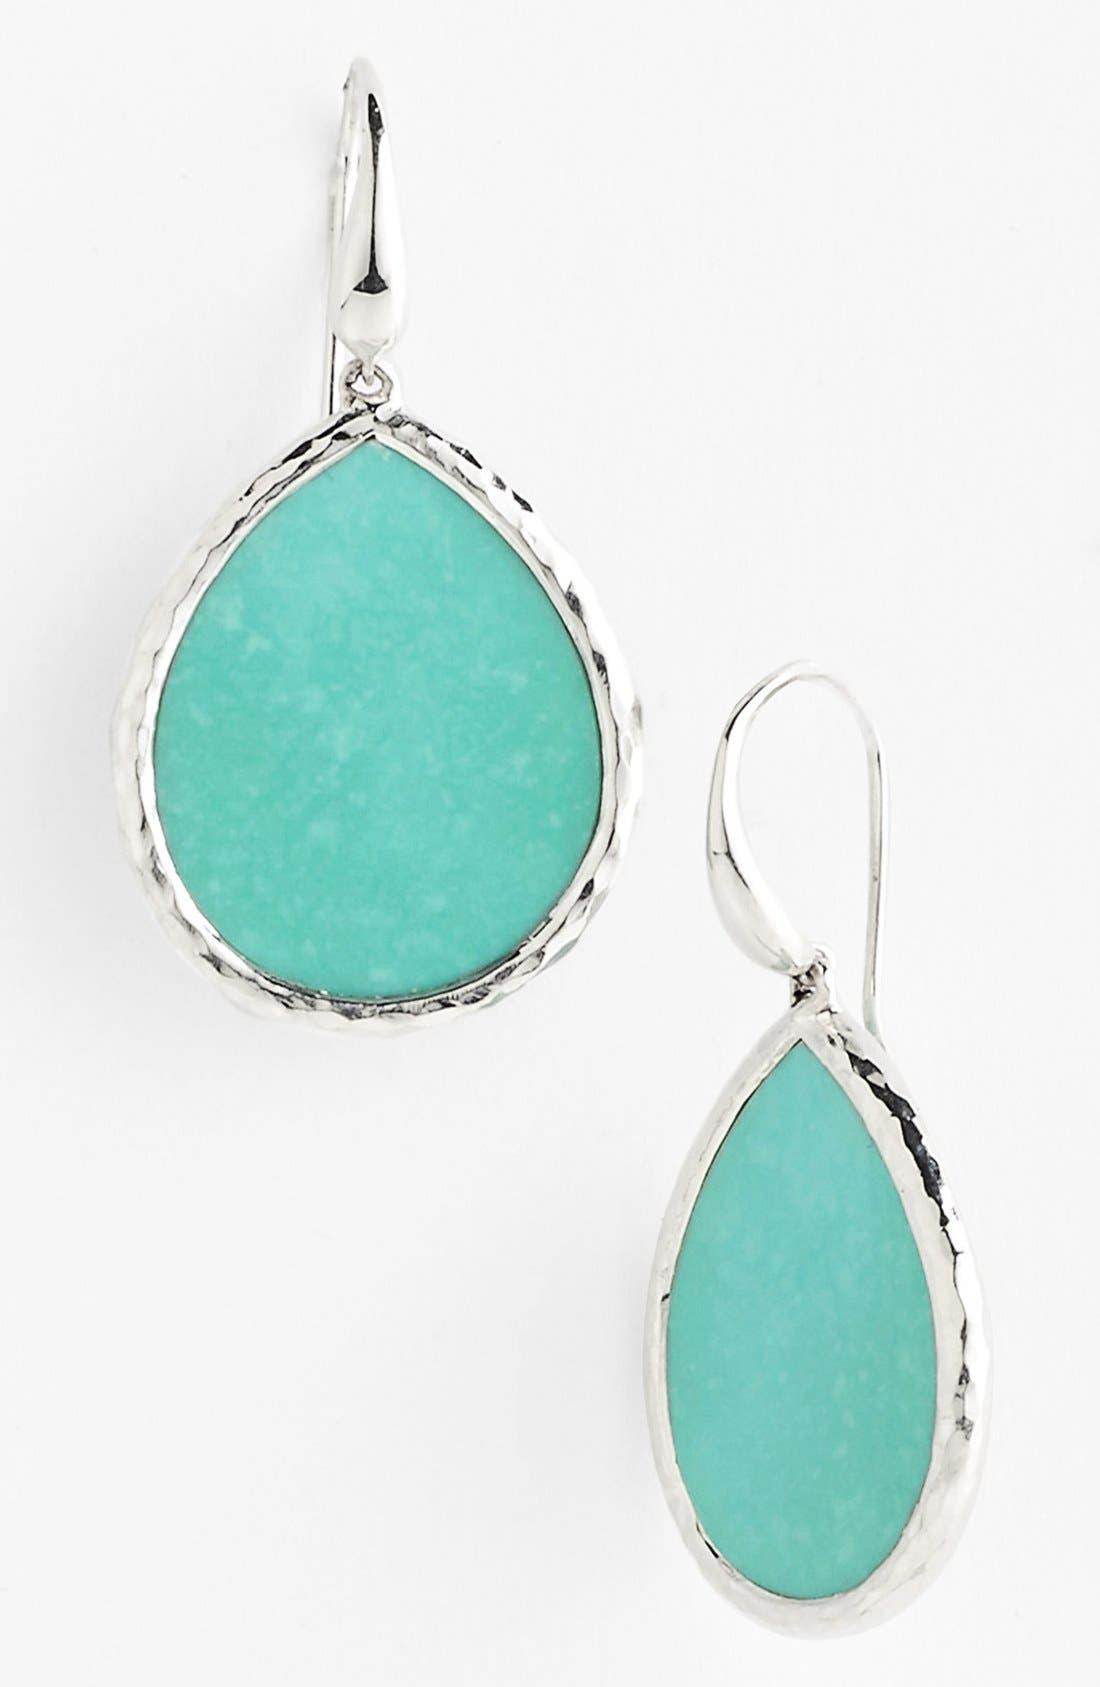 Main Image - Ippolita 'Rock Candy' Small Teardrop Earrings